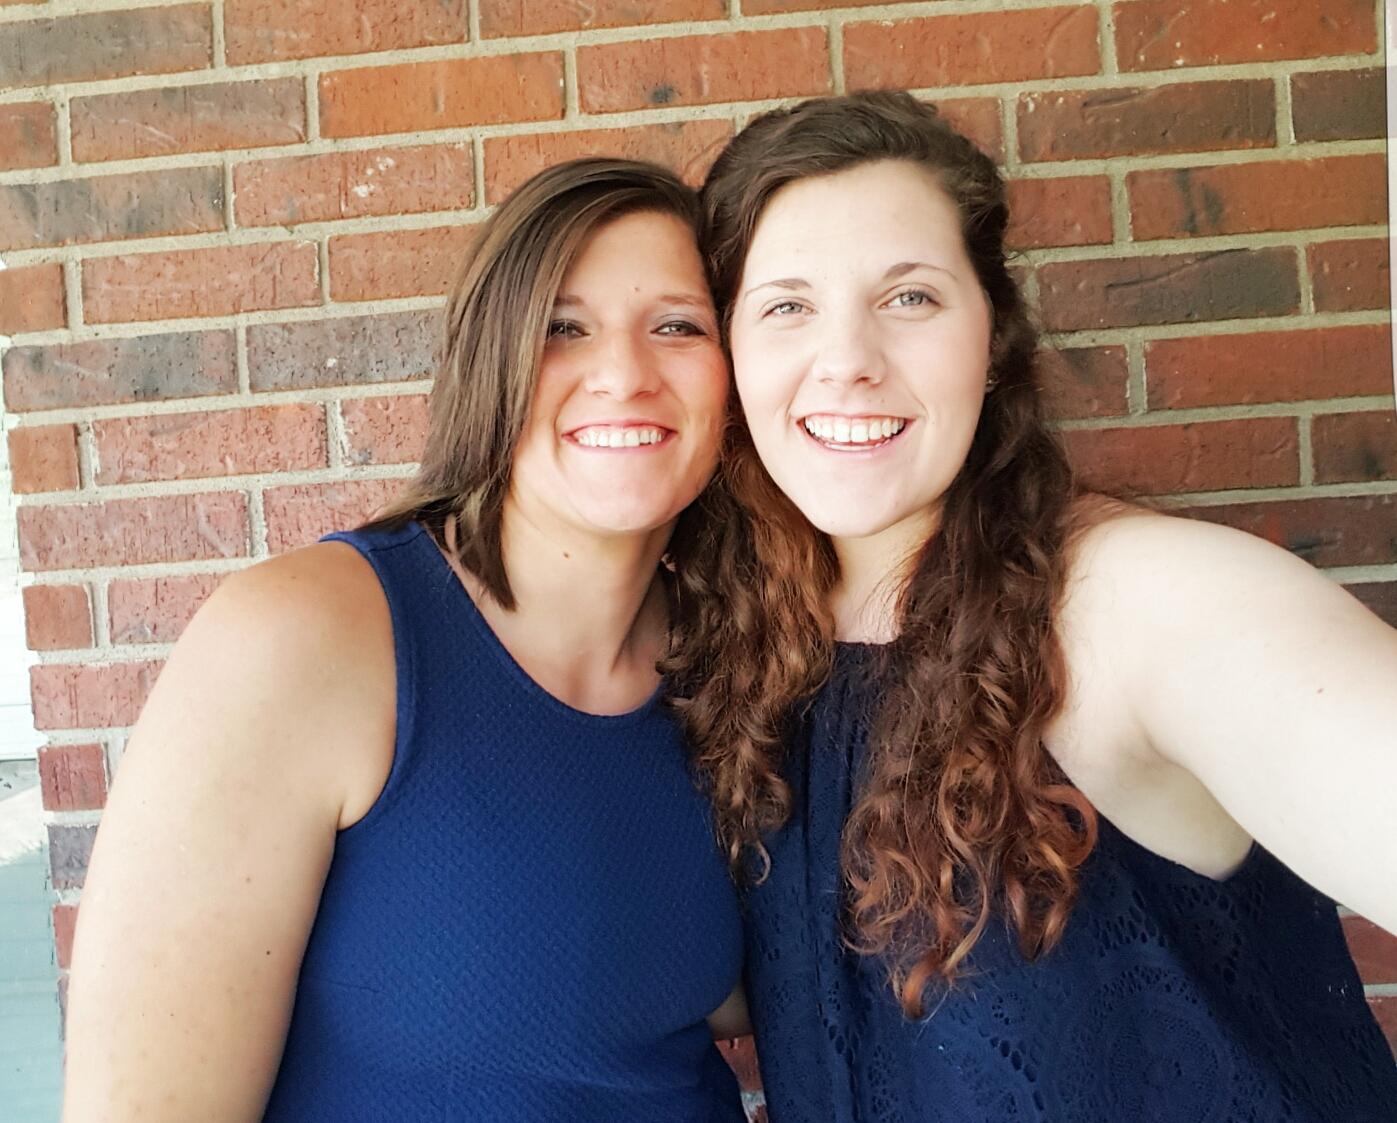 Meghan and Melanie